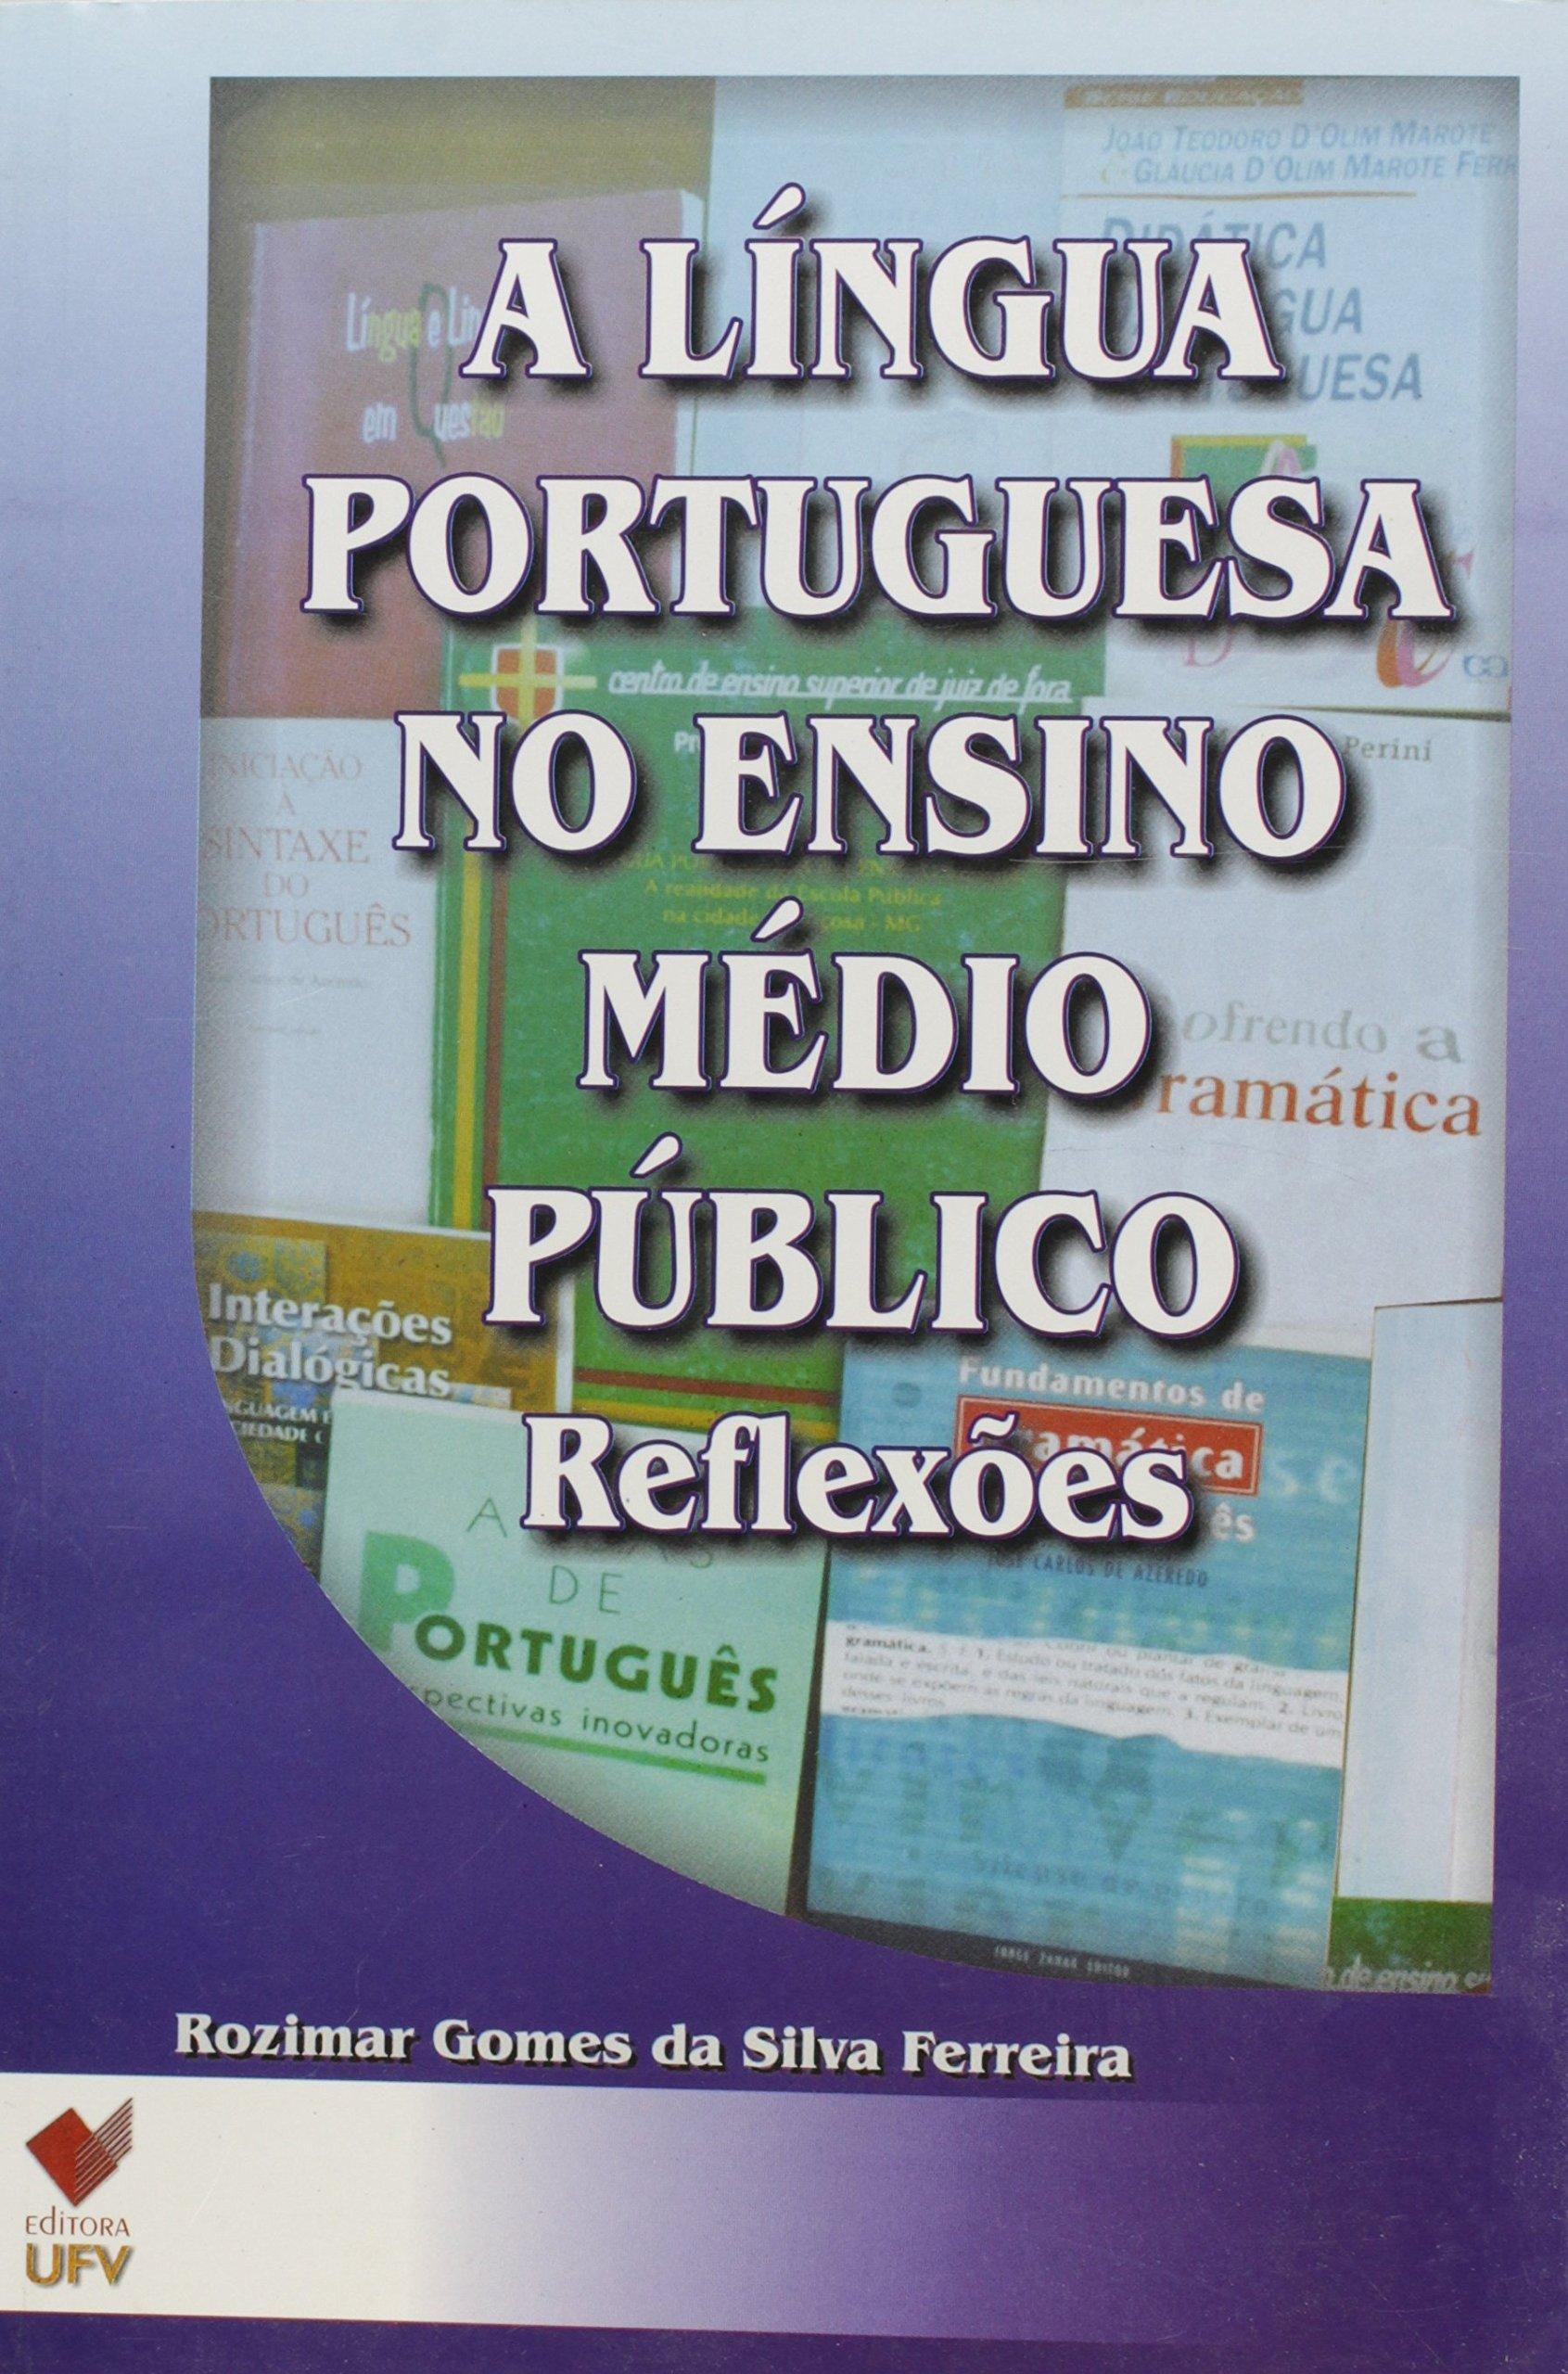 A Língua Portuguesa no Ensino Médio Público. Reflexões PDF